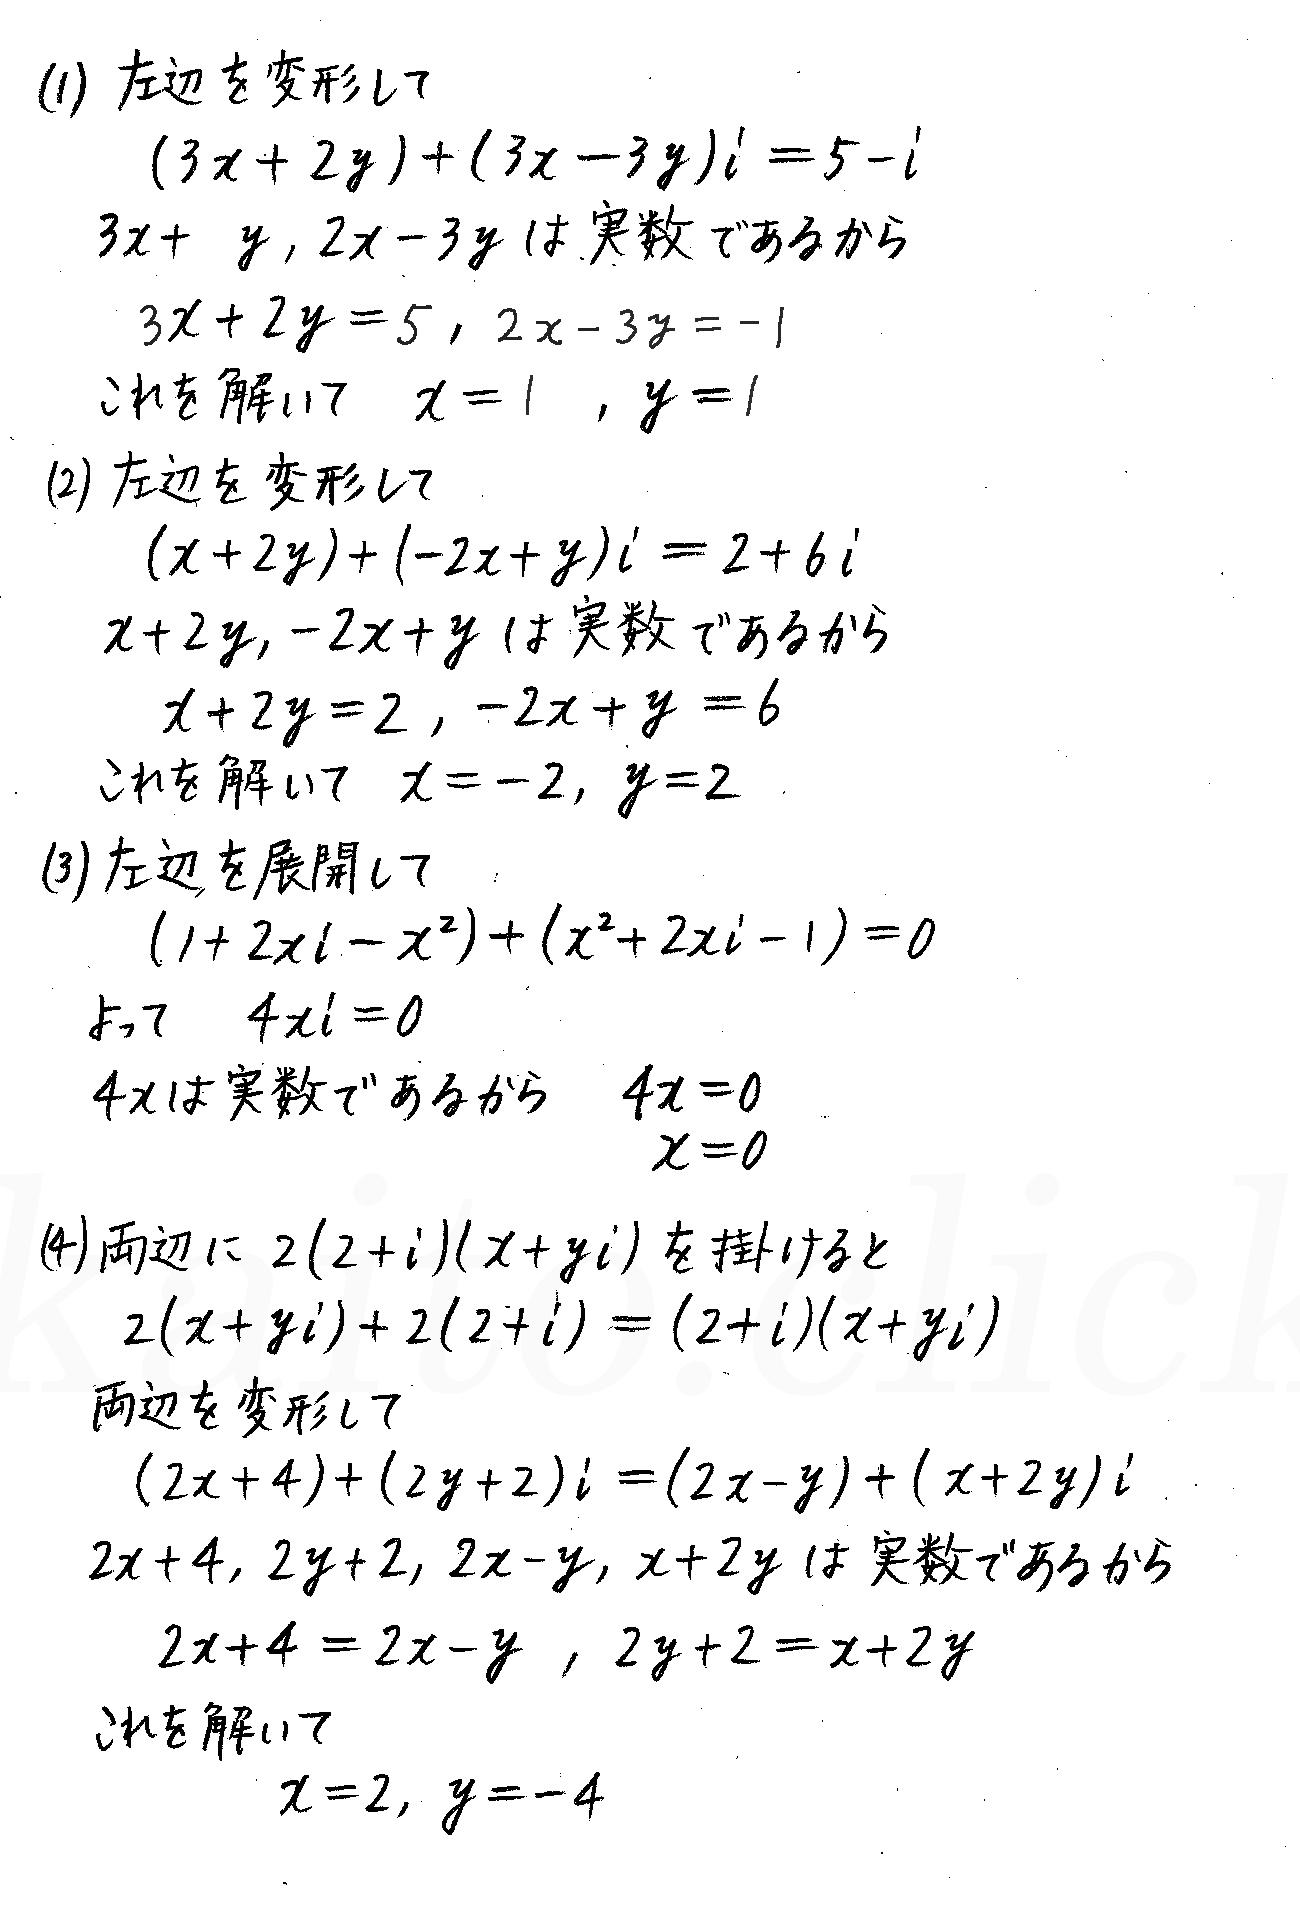 4STEP数学2-80解答